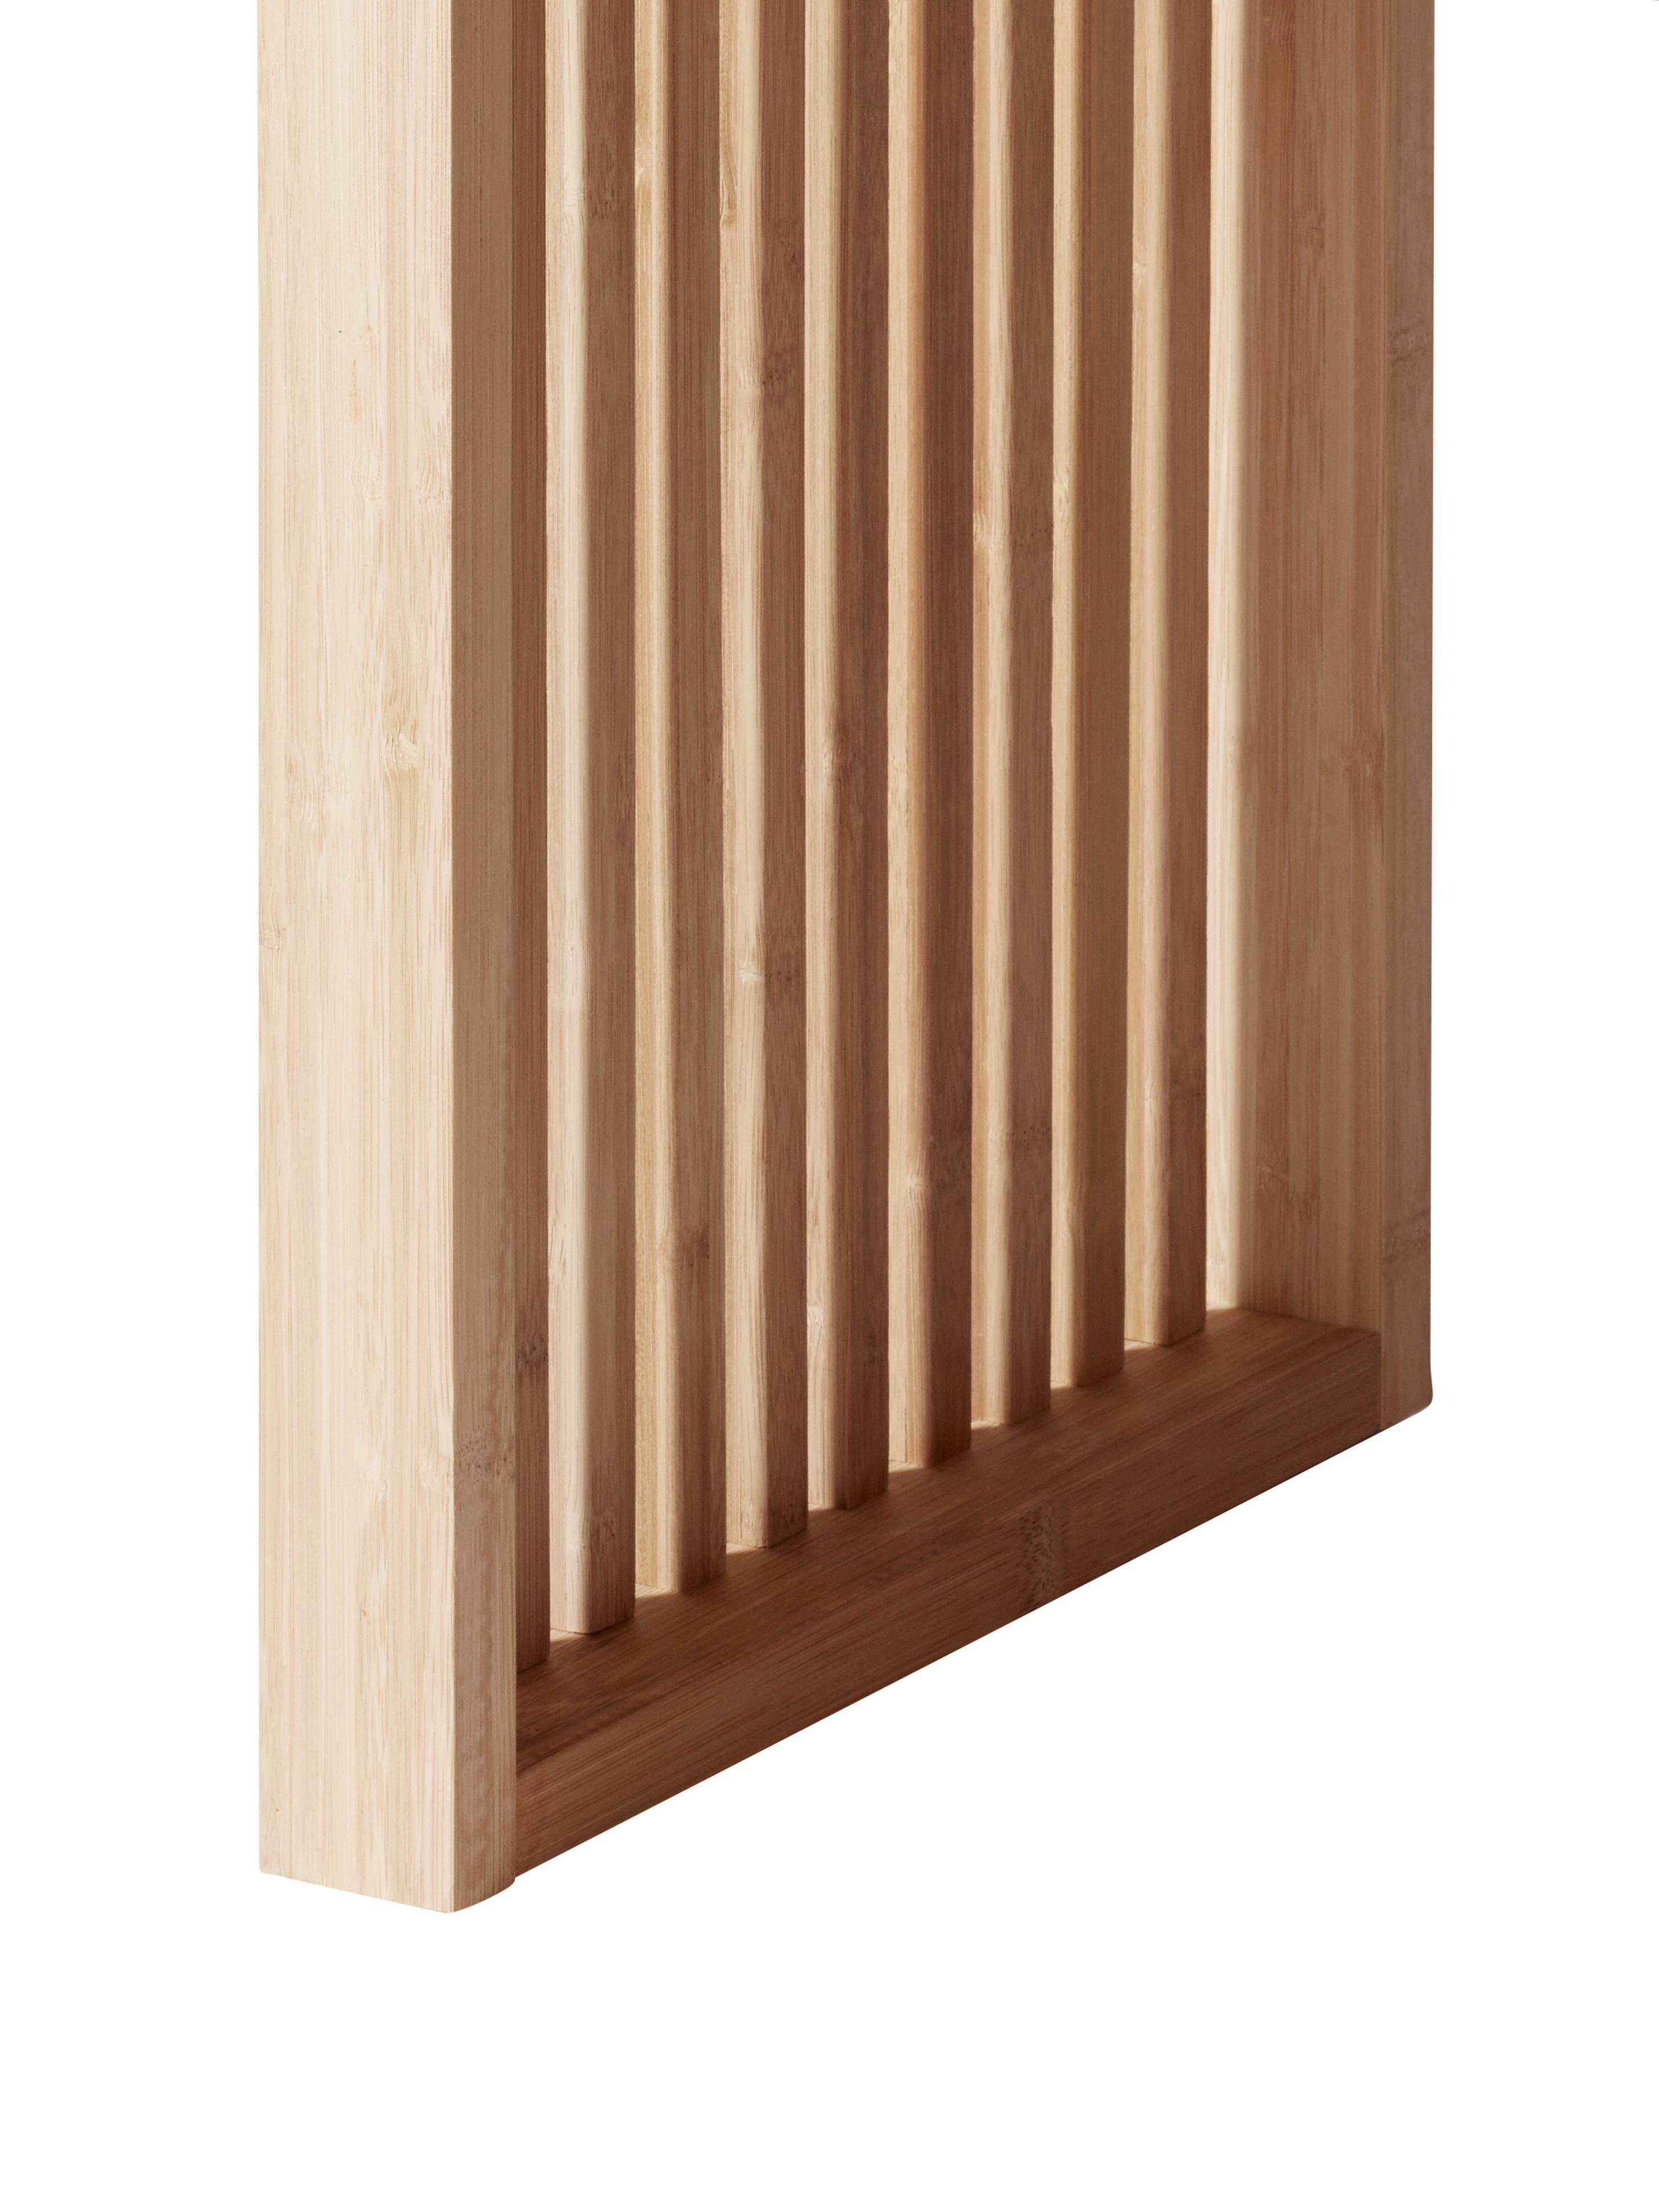 Kruk Rib van bamboehout, Gepolijst en geolied bamboehout, Bruin, 45 x 43 cm